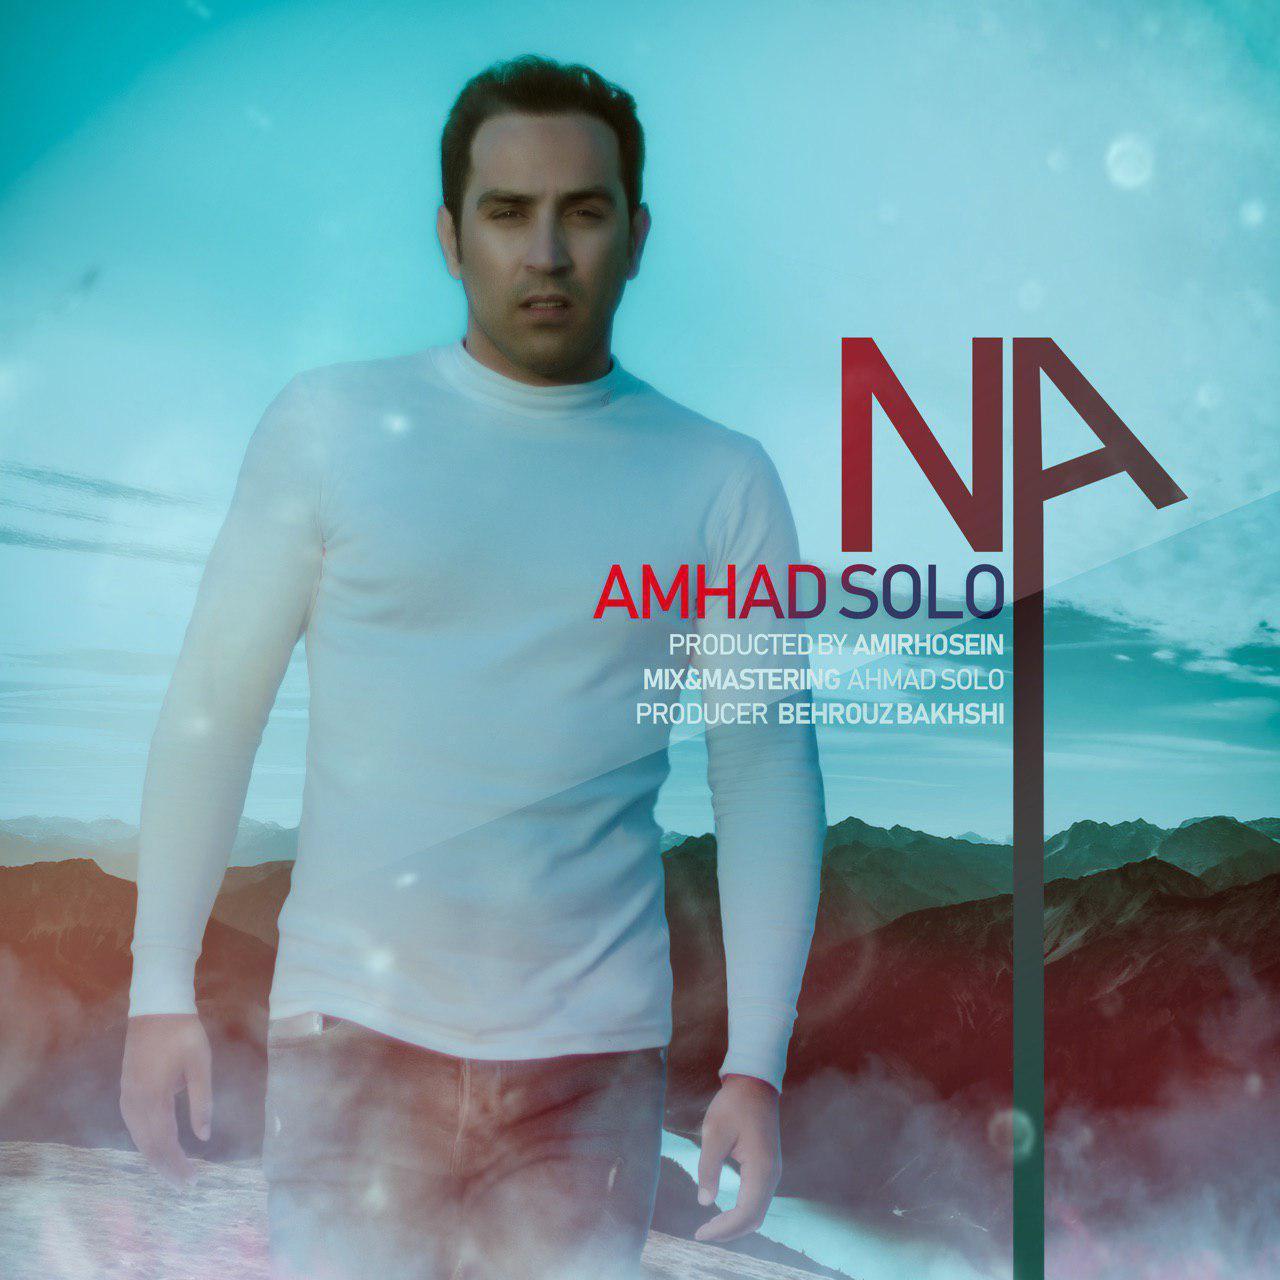 دانلود آهنگ جدید احمد سولو به نام نه